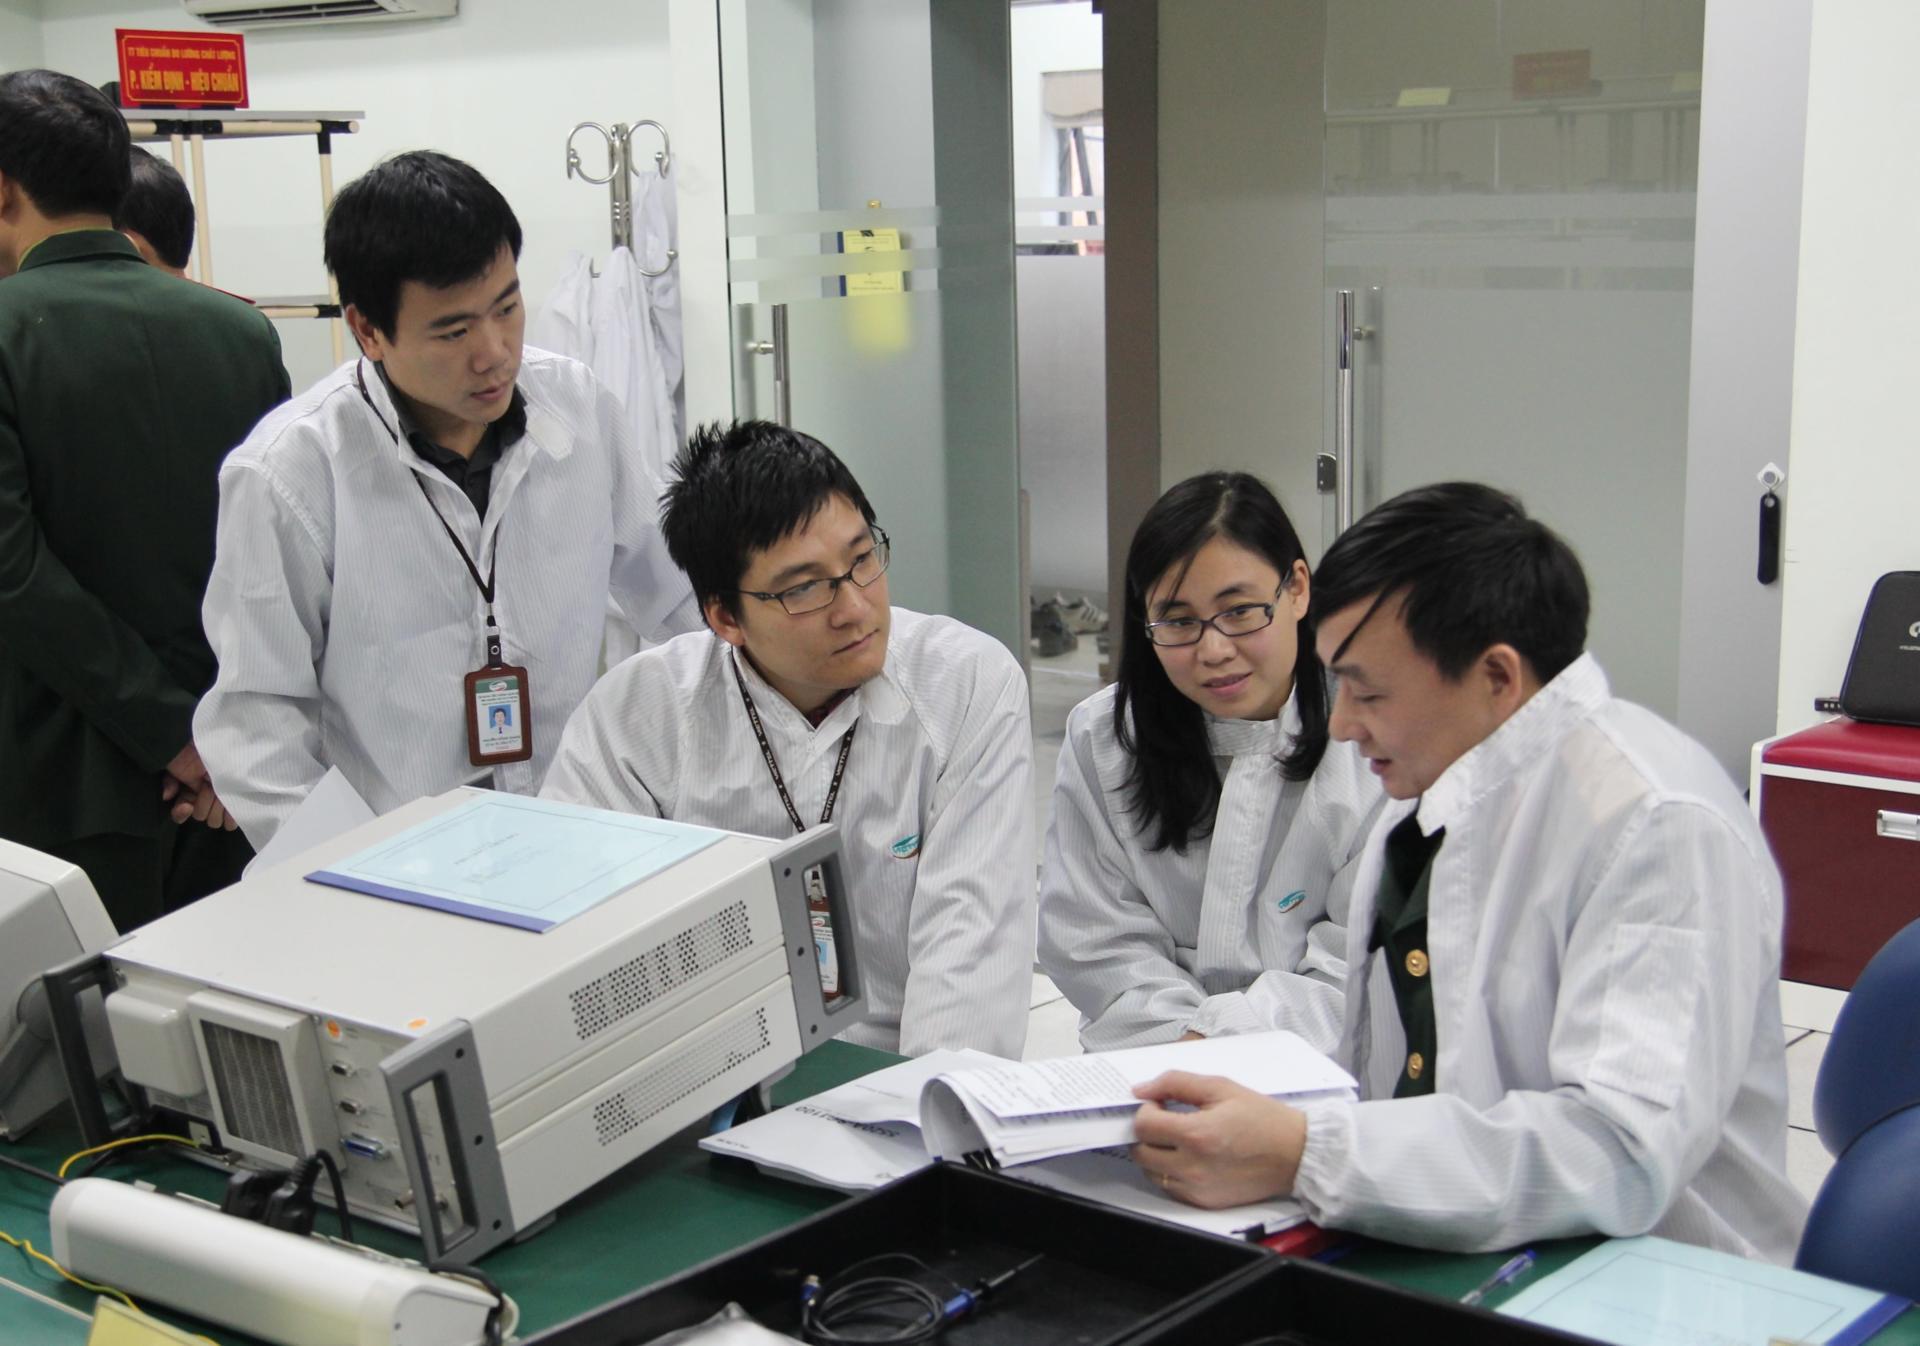 VHT, mảnh ghép 'công nghiệp công nghệ cao' của tập đoàn Viettel lộ diện